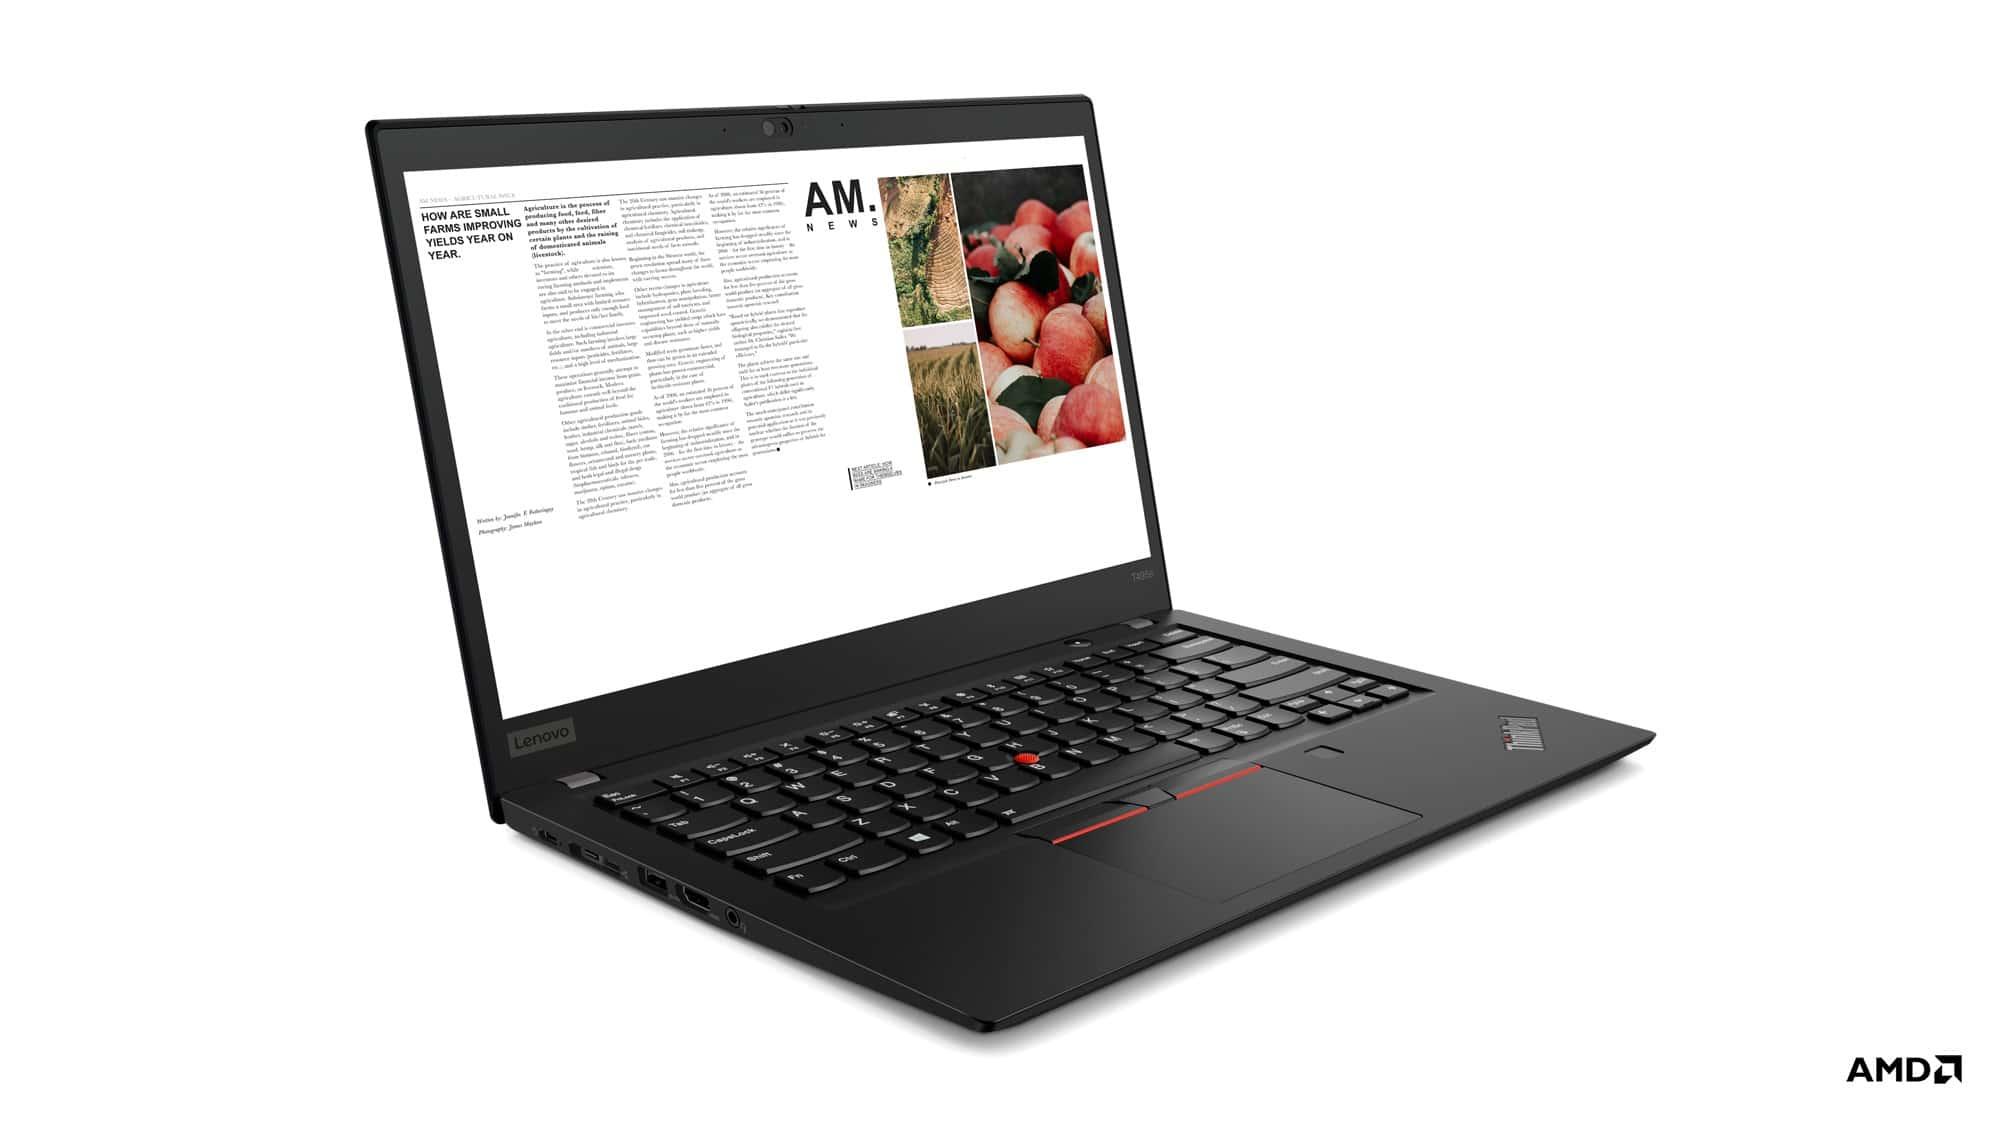 - เปิดตัว Lenovo ThinkPad รุ่นล่าสุด ใช้ AMD Ryzen PRO